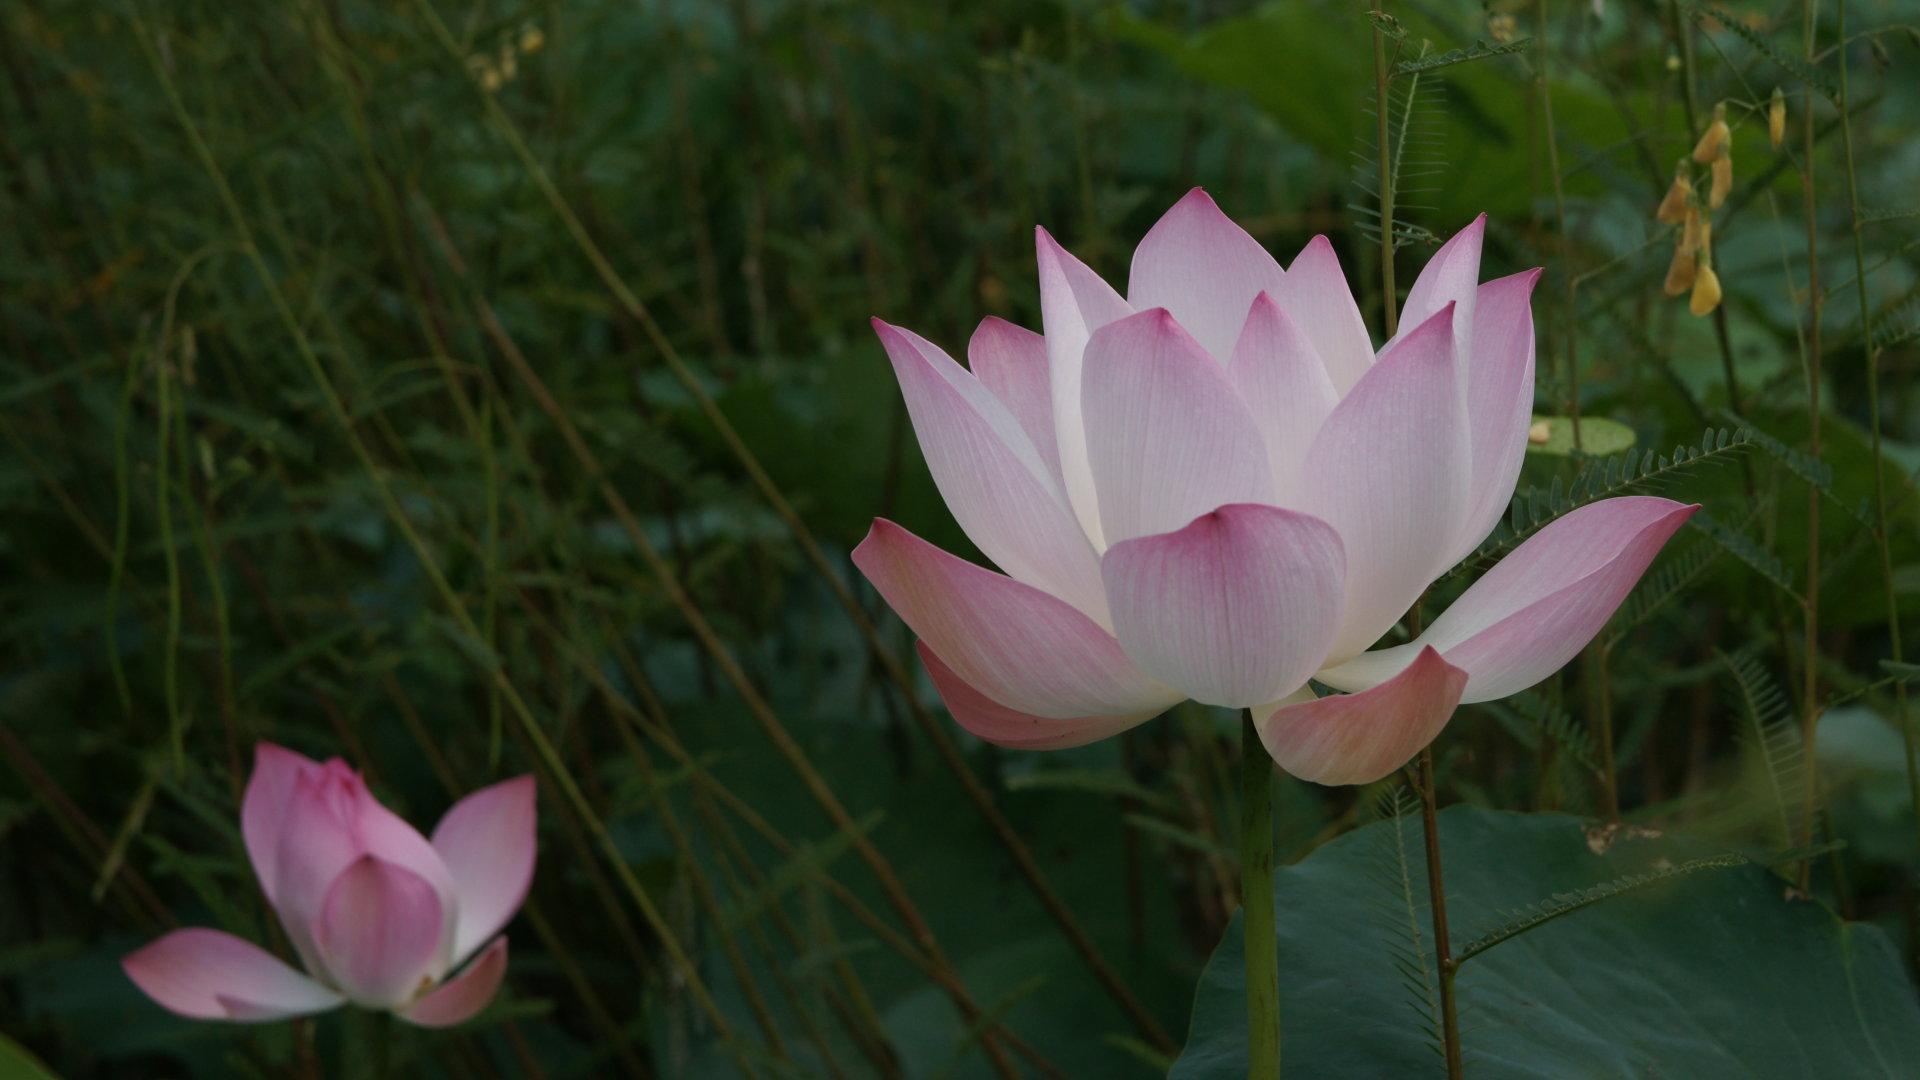 Pink Lotus Flowers Best Flowers Florist Wedding Flowers HD Wallpaper